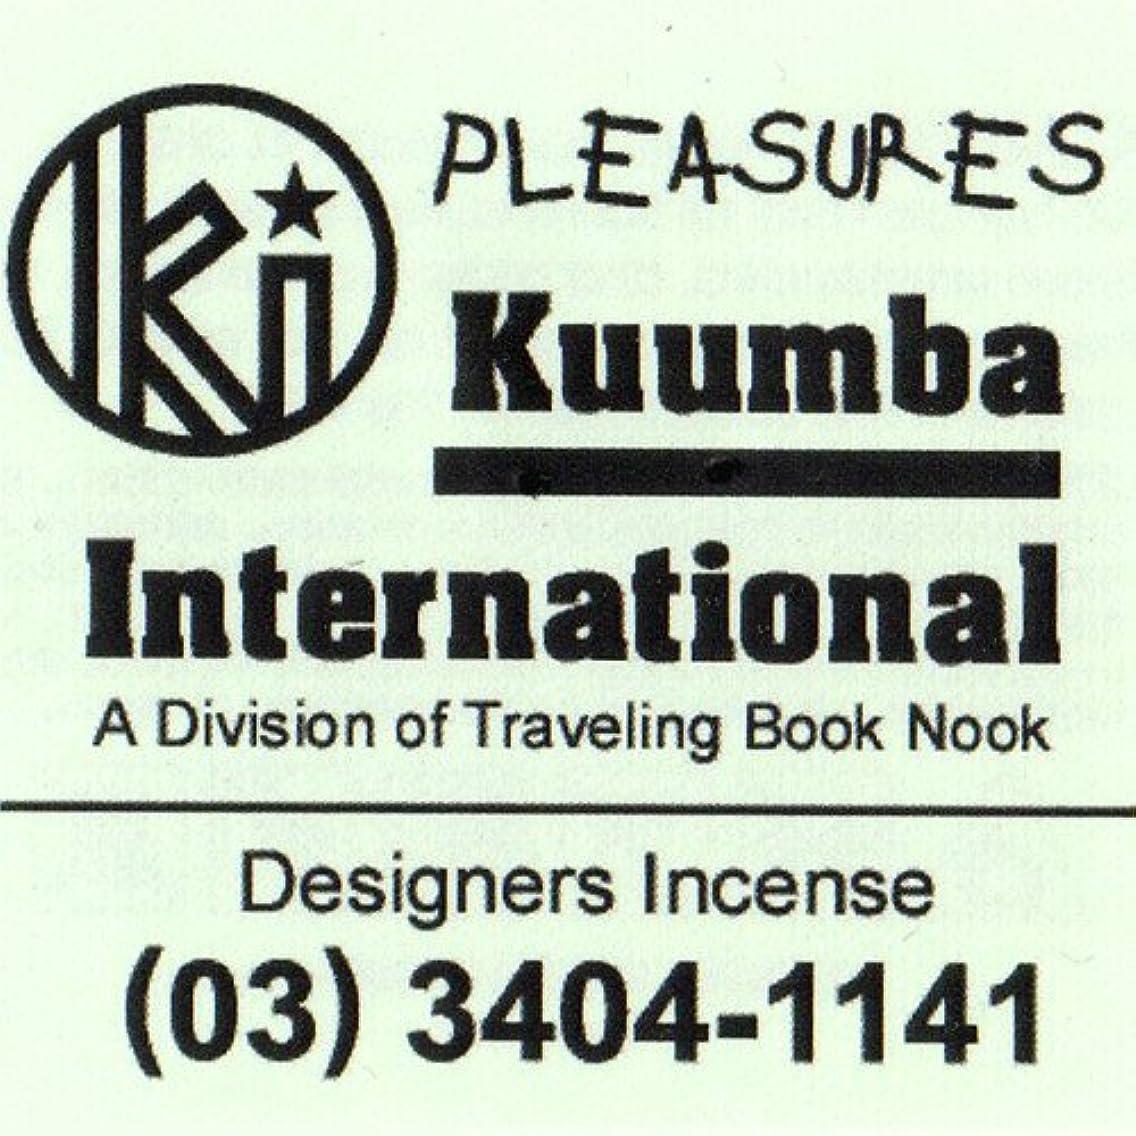 拒絶する泣き叫ぶ杭KUUMBA/クンバ『incense』(PLEASURES) (Regular size)